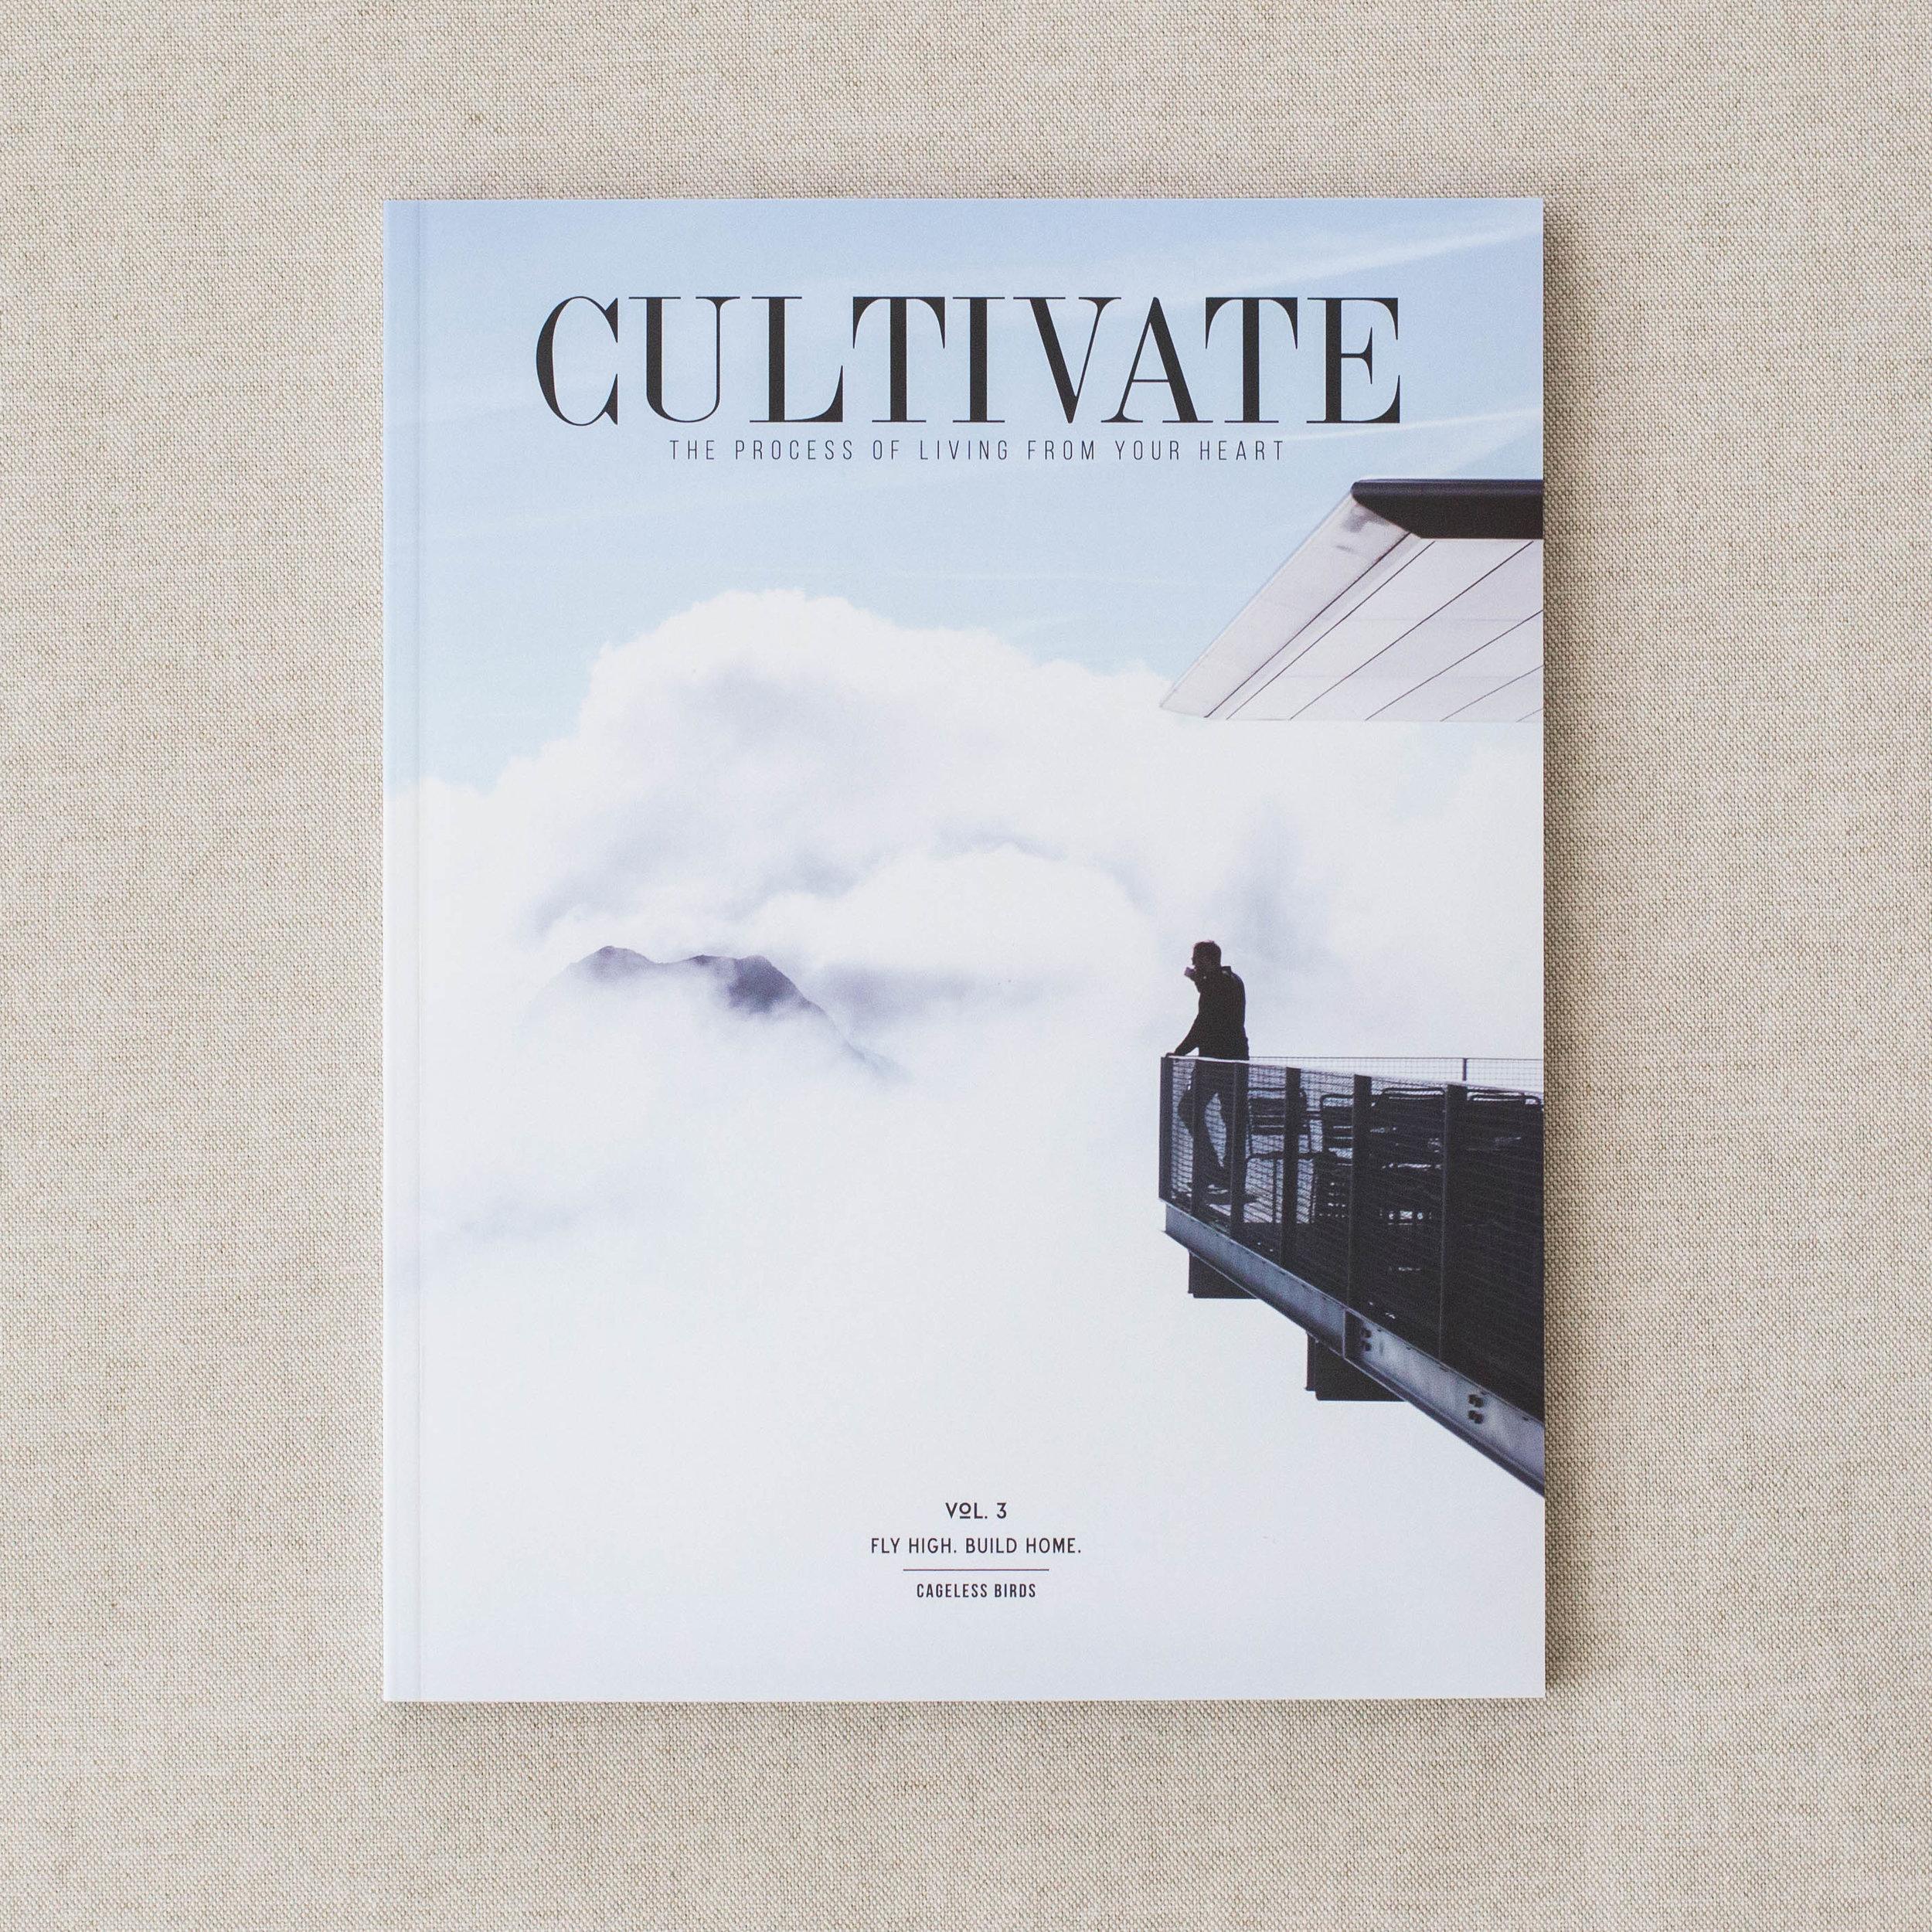 20190410_cultivate_vol_3.jpg